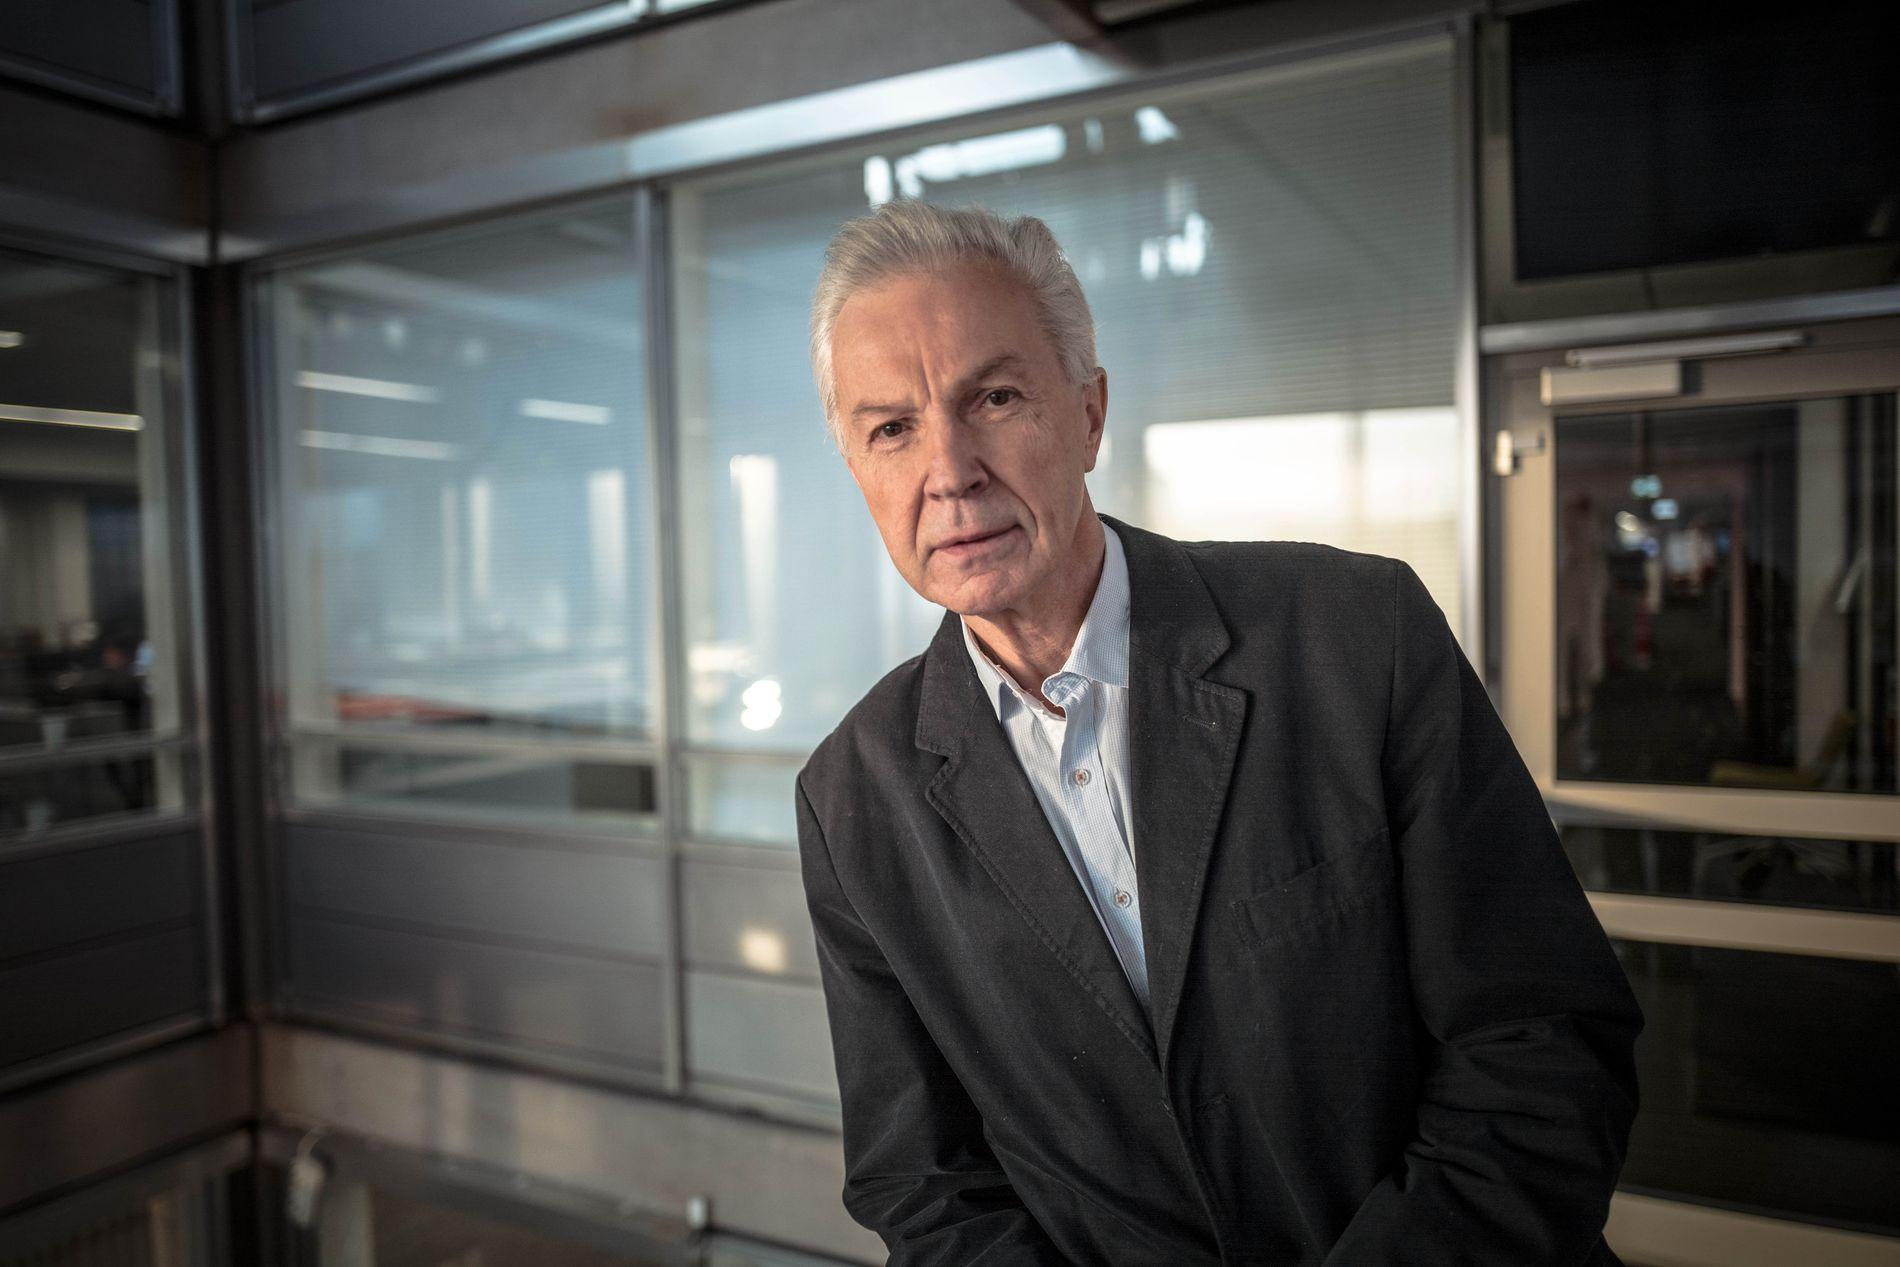 KRITISK: Sverre Lodgaard, seniorforsker ved Norsk Utenrikspolitisk Institutt (NUPI), er kritisk til norsk deltakelse.